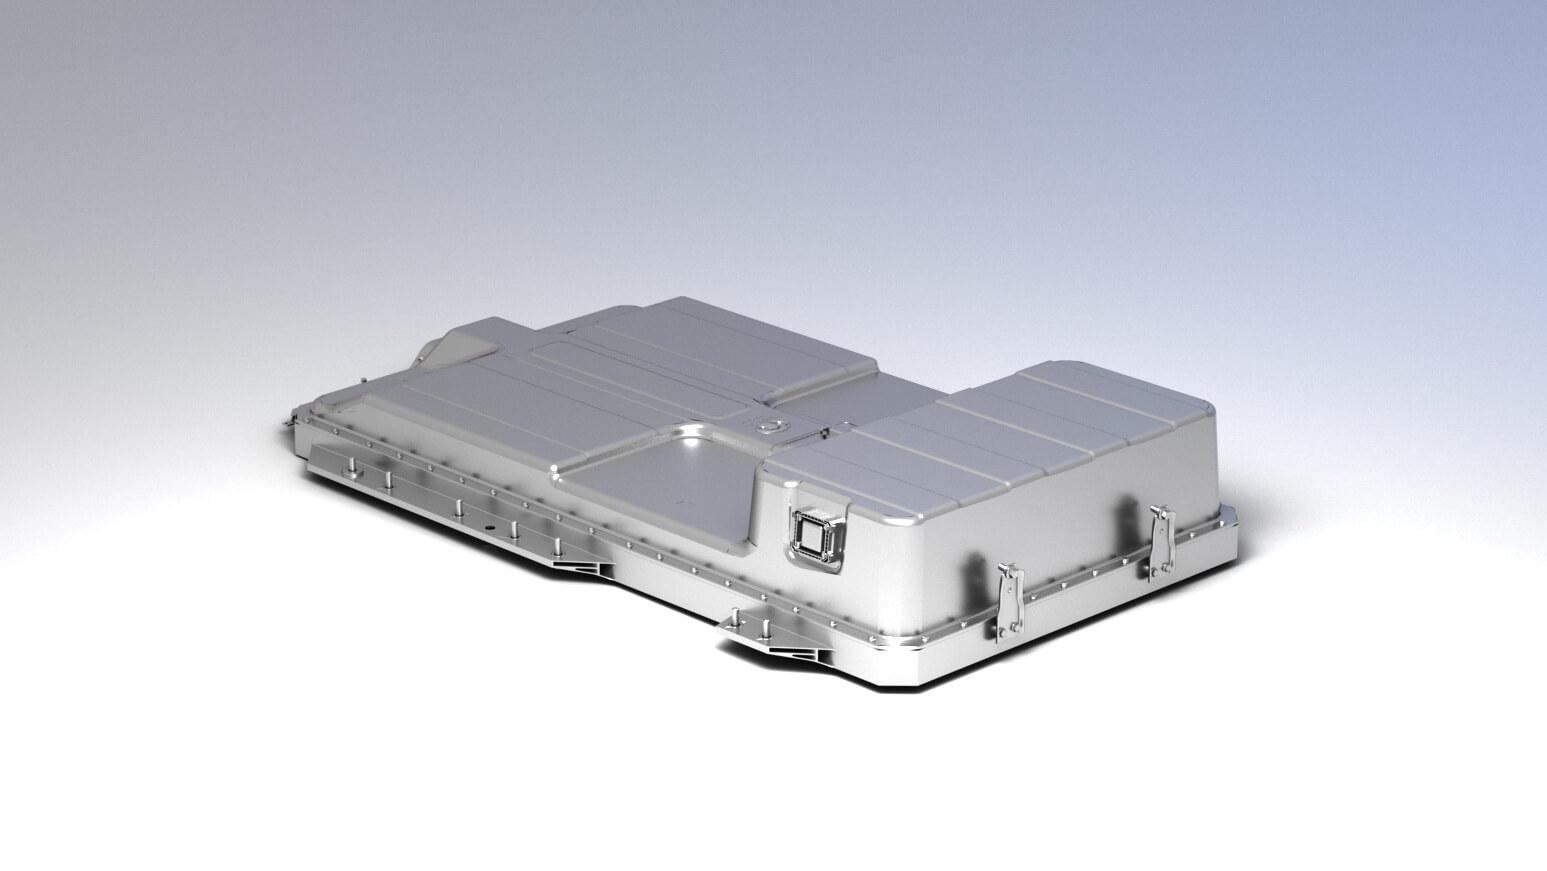 Аккумулятор SVOLT NMX электромобиля ORA Cherry Cat от Great Wall Motors